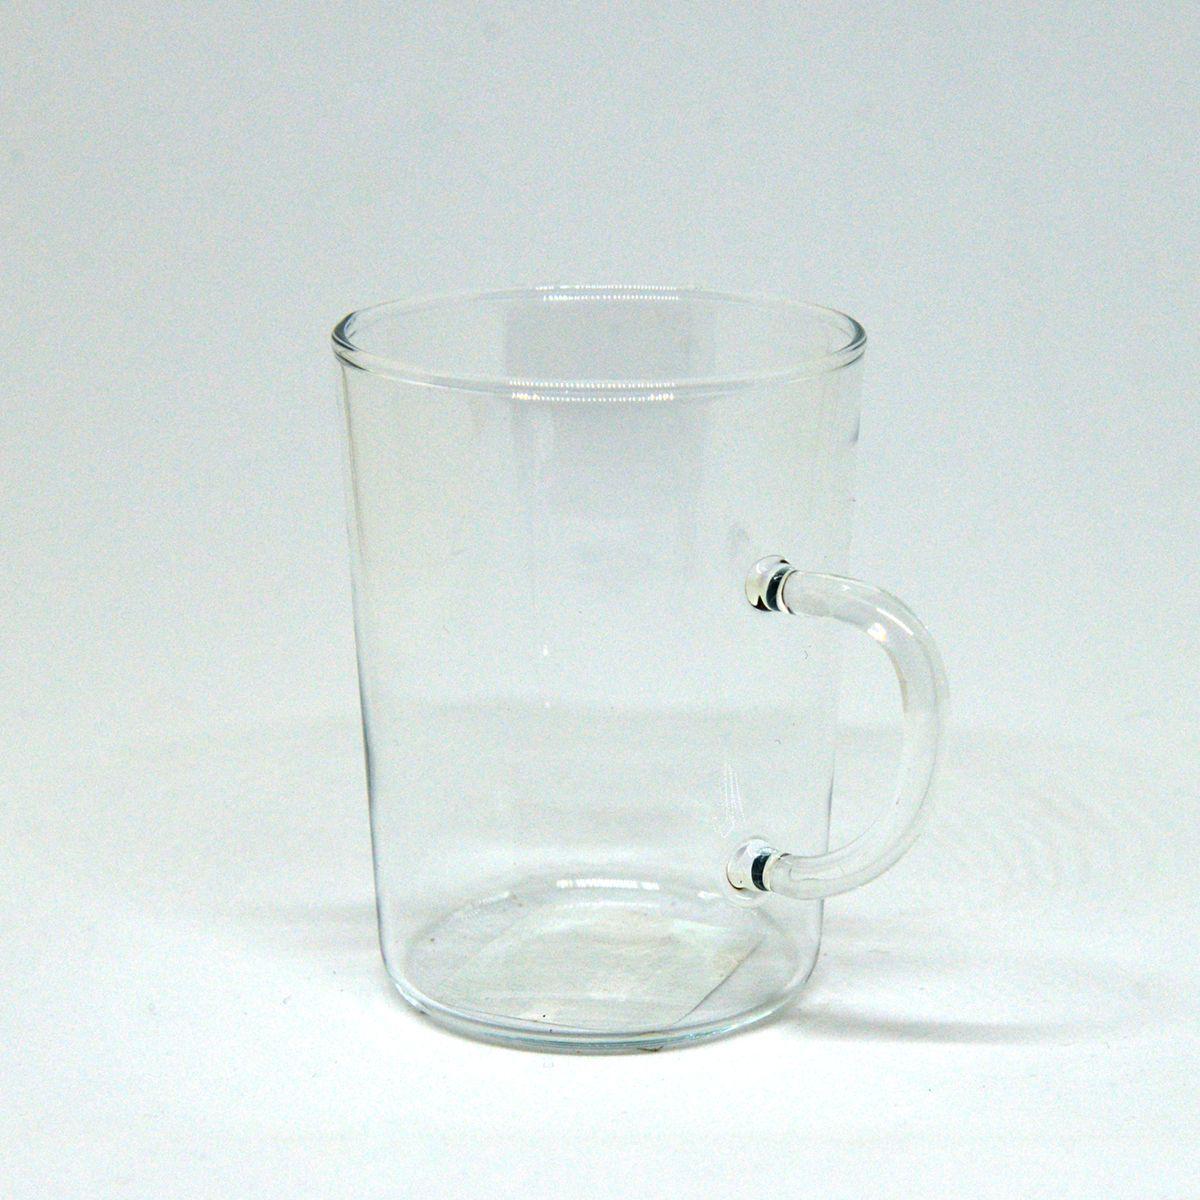 Bicchieri da Tè - 2 pz